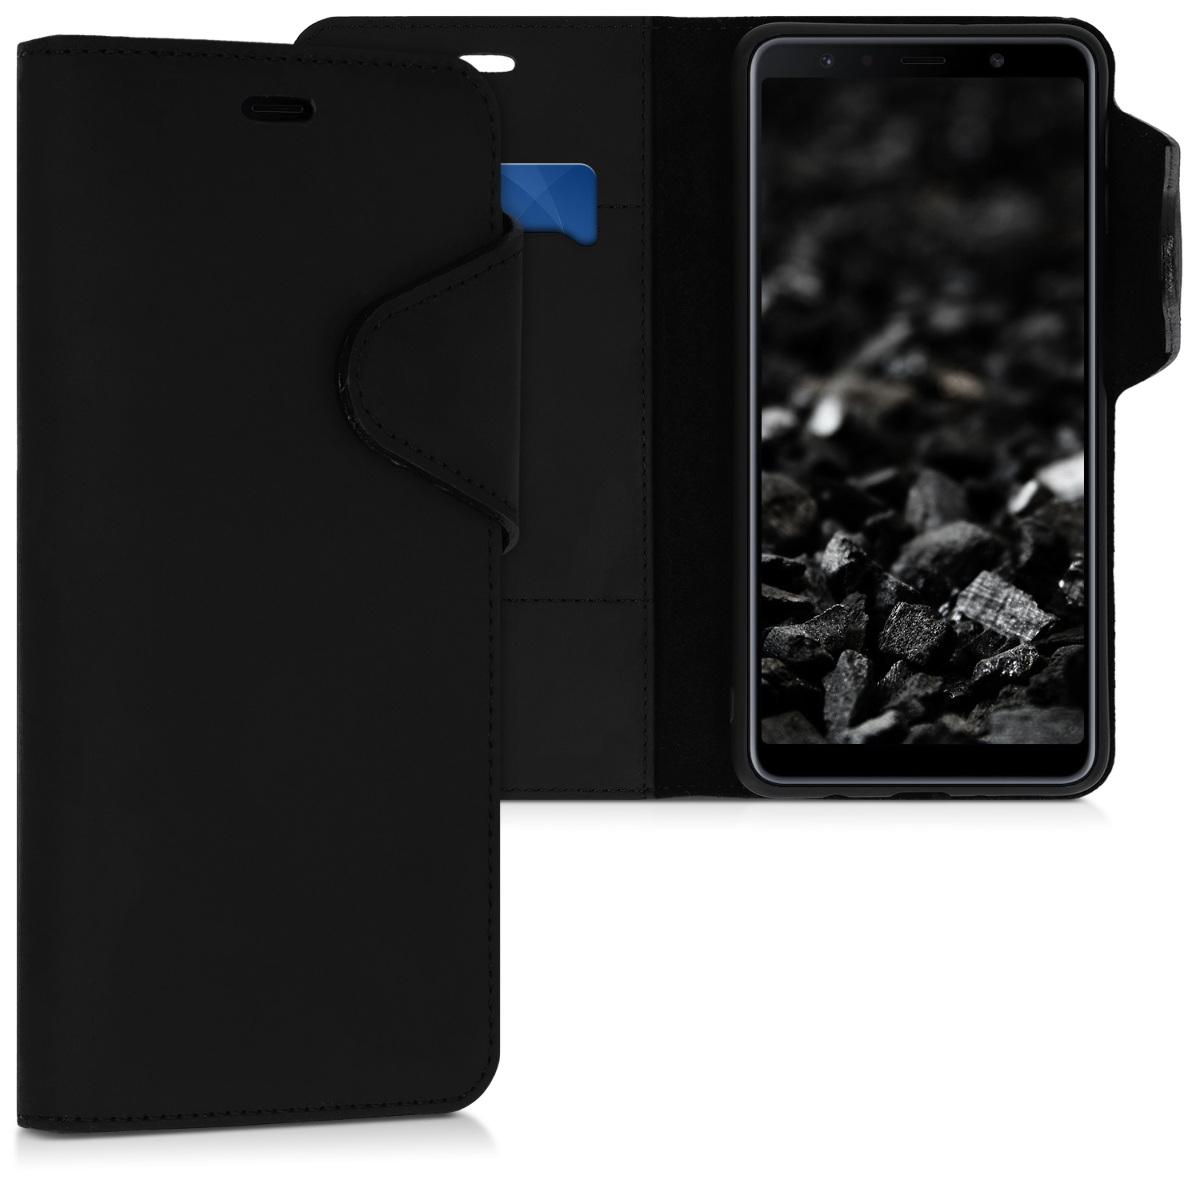 Kalibri Δερμάτινη Suede Θήκη - Πορτοφόλιr Samsung Galaxy A7 (2018)  - Black (46602.01)